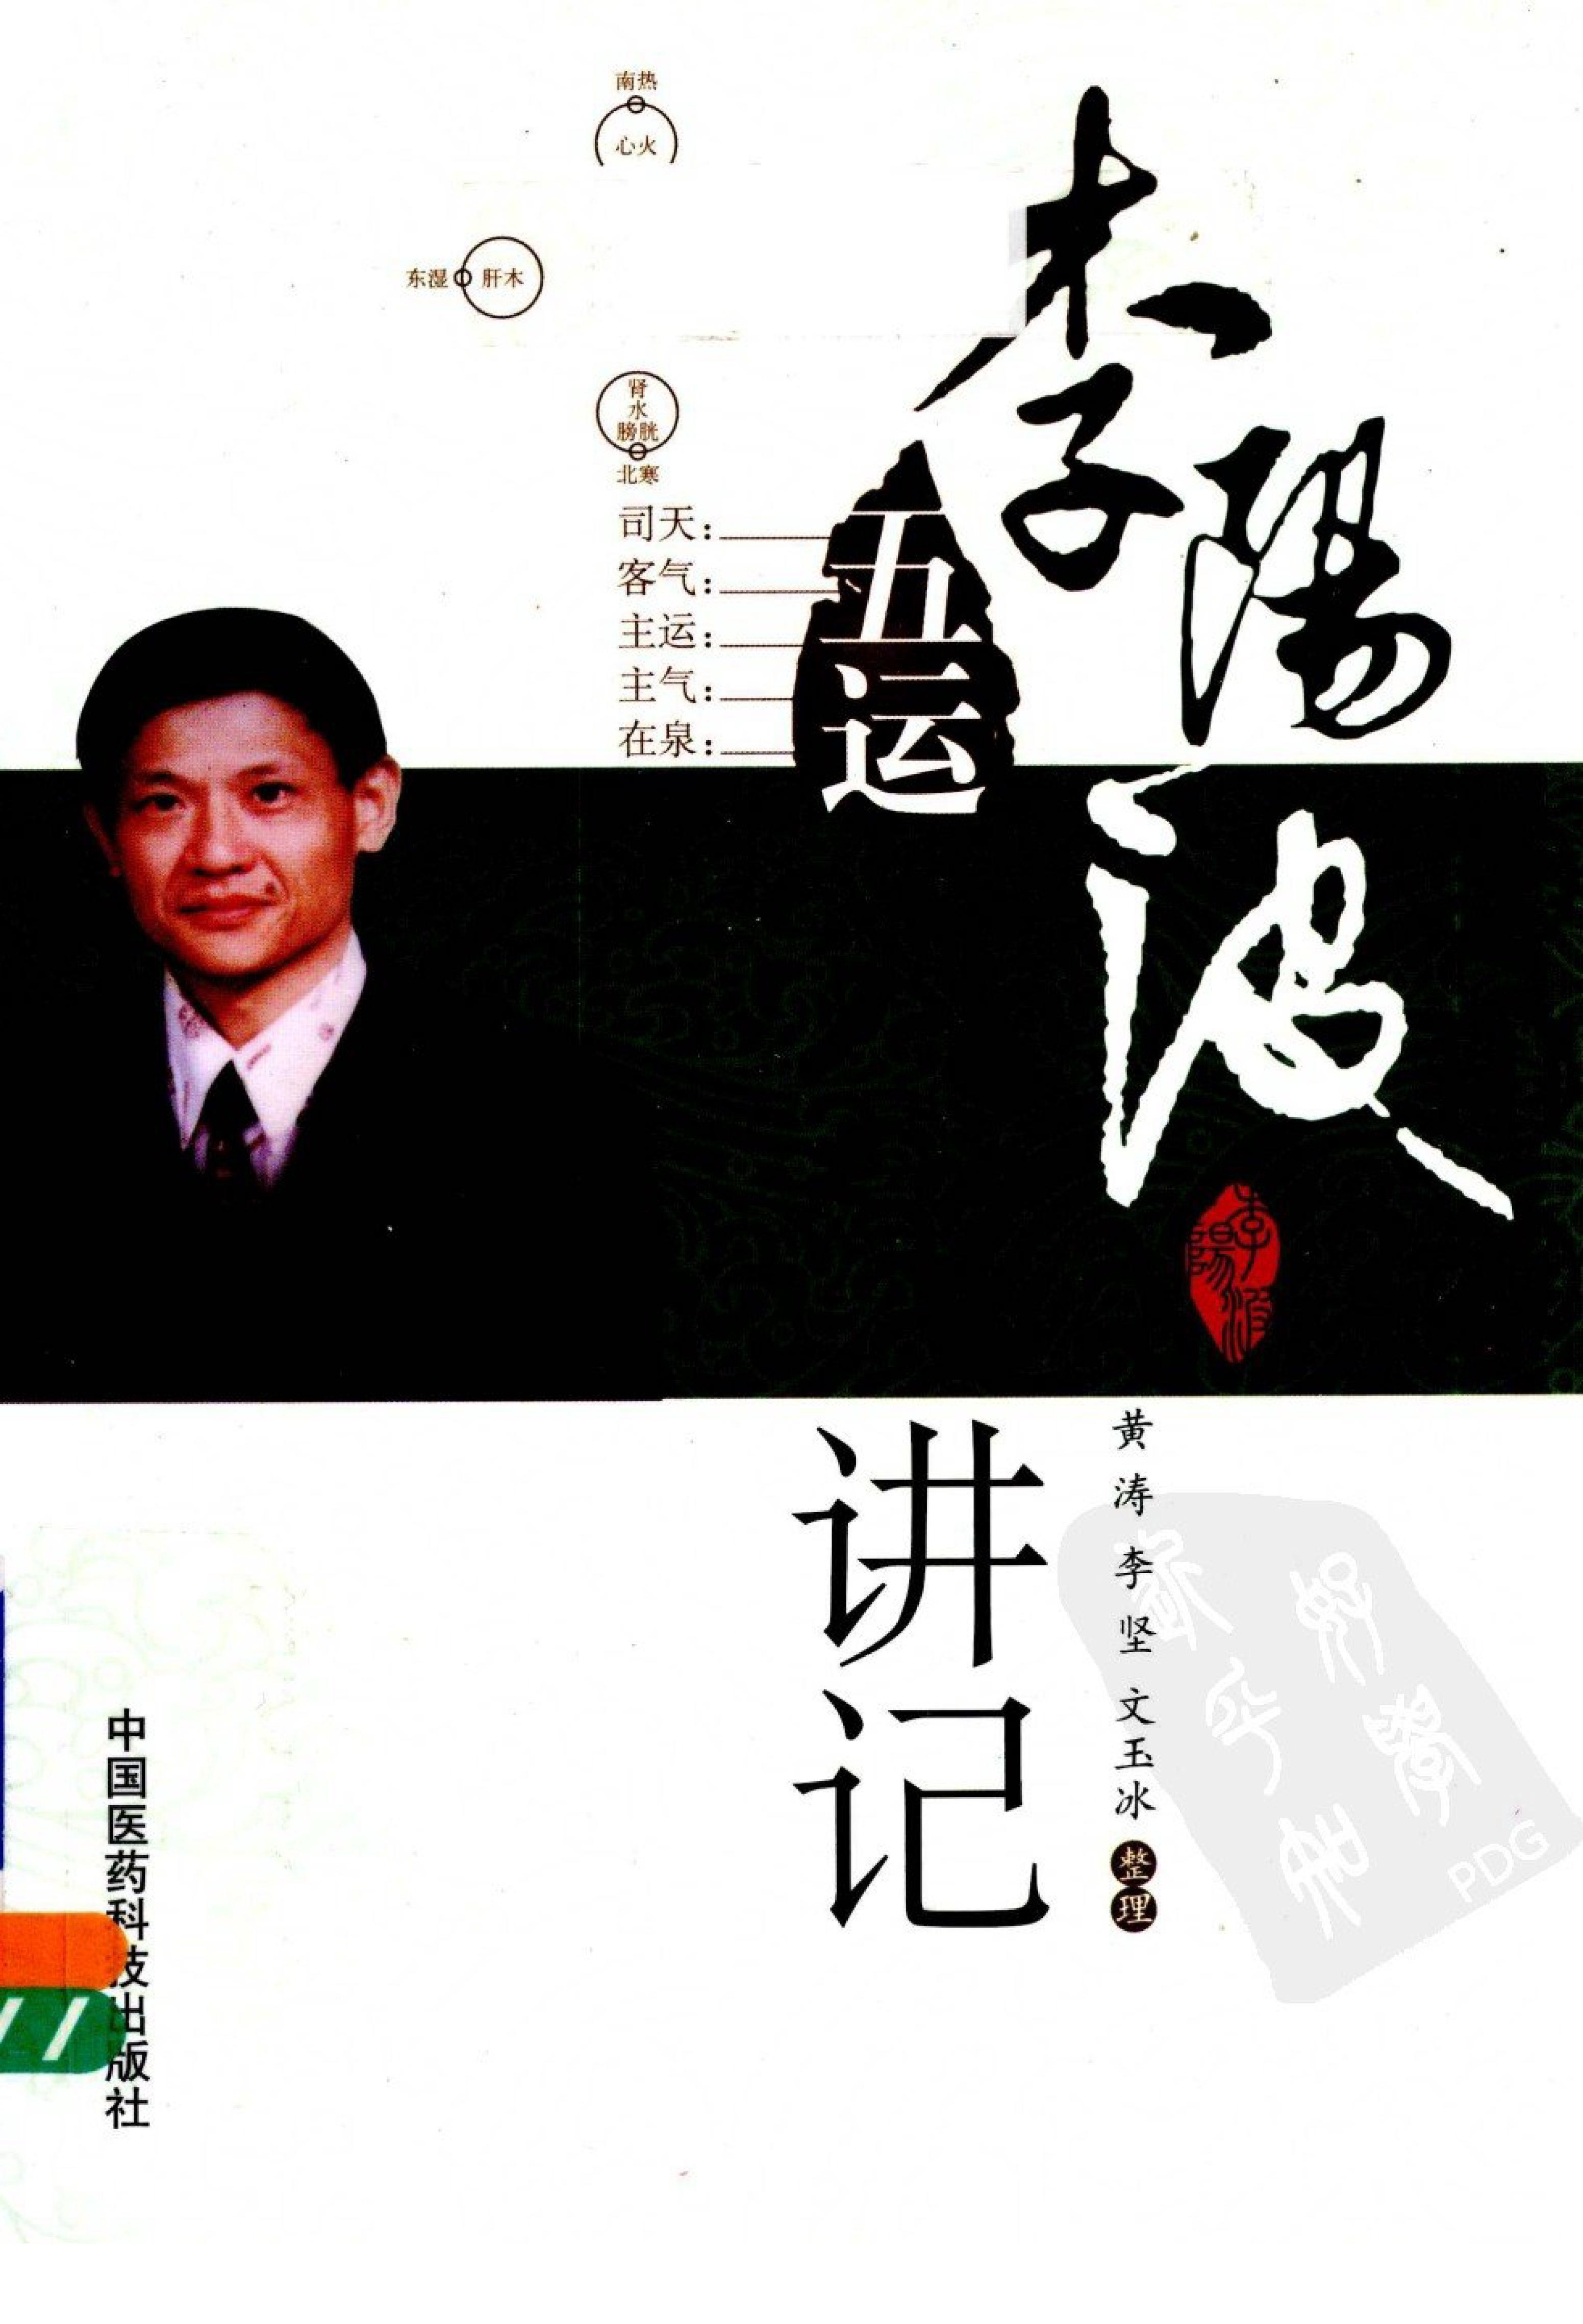 李阳波五运六气讲记(黄涛 李坚 文玉冰整理)_12968554_01.jpg